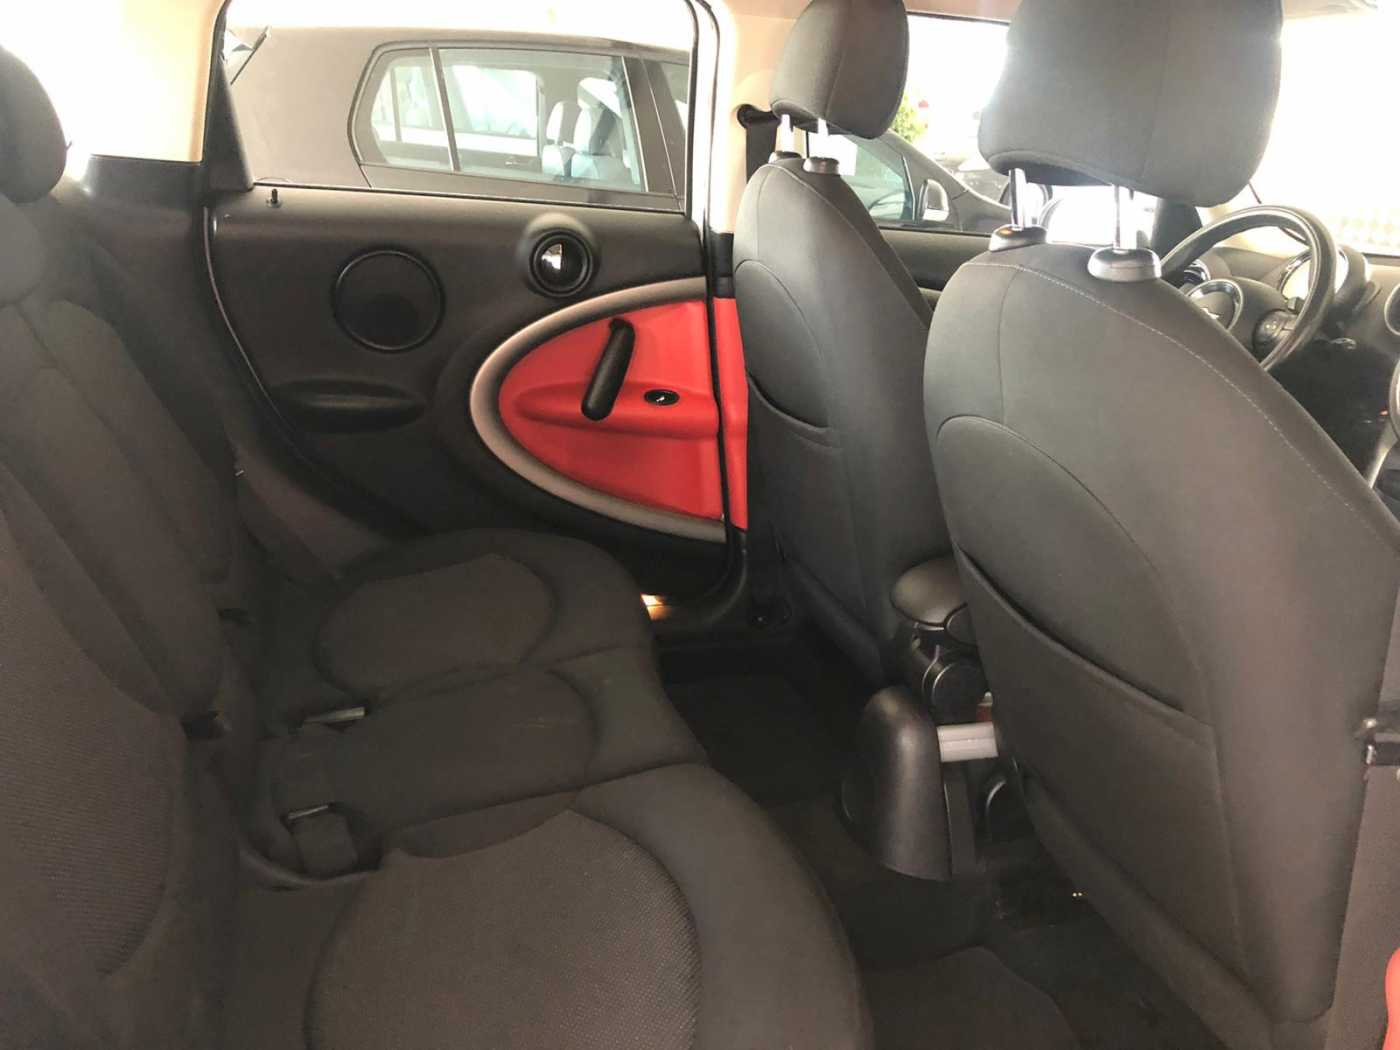 MINI - Countryman 2.0 Cooper D usata in Sardegna - Concessionaria ufficiale Audi Catte Auto Cagliari